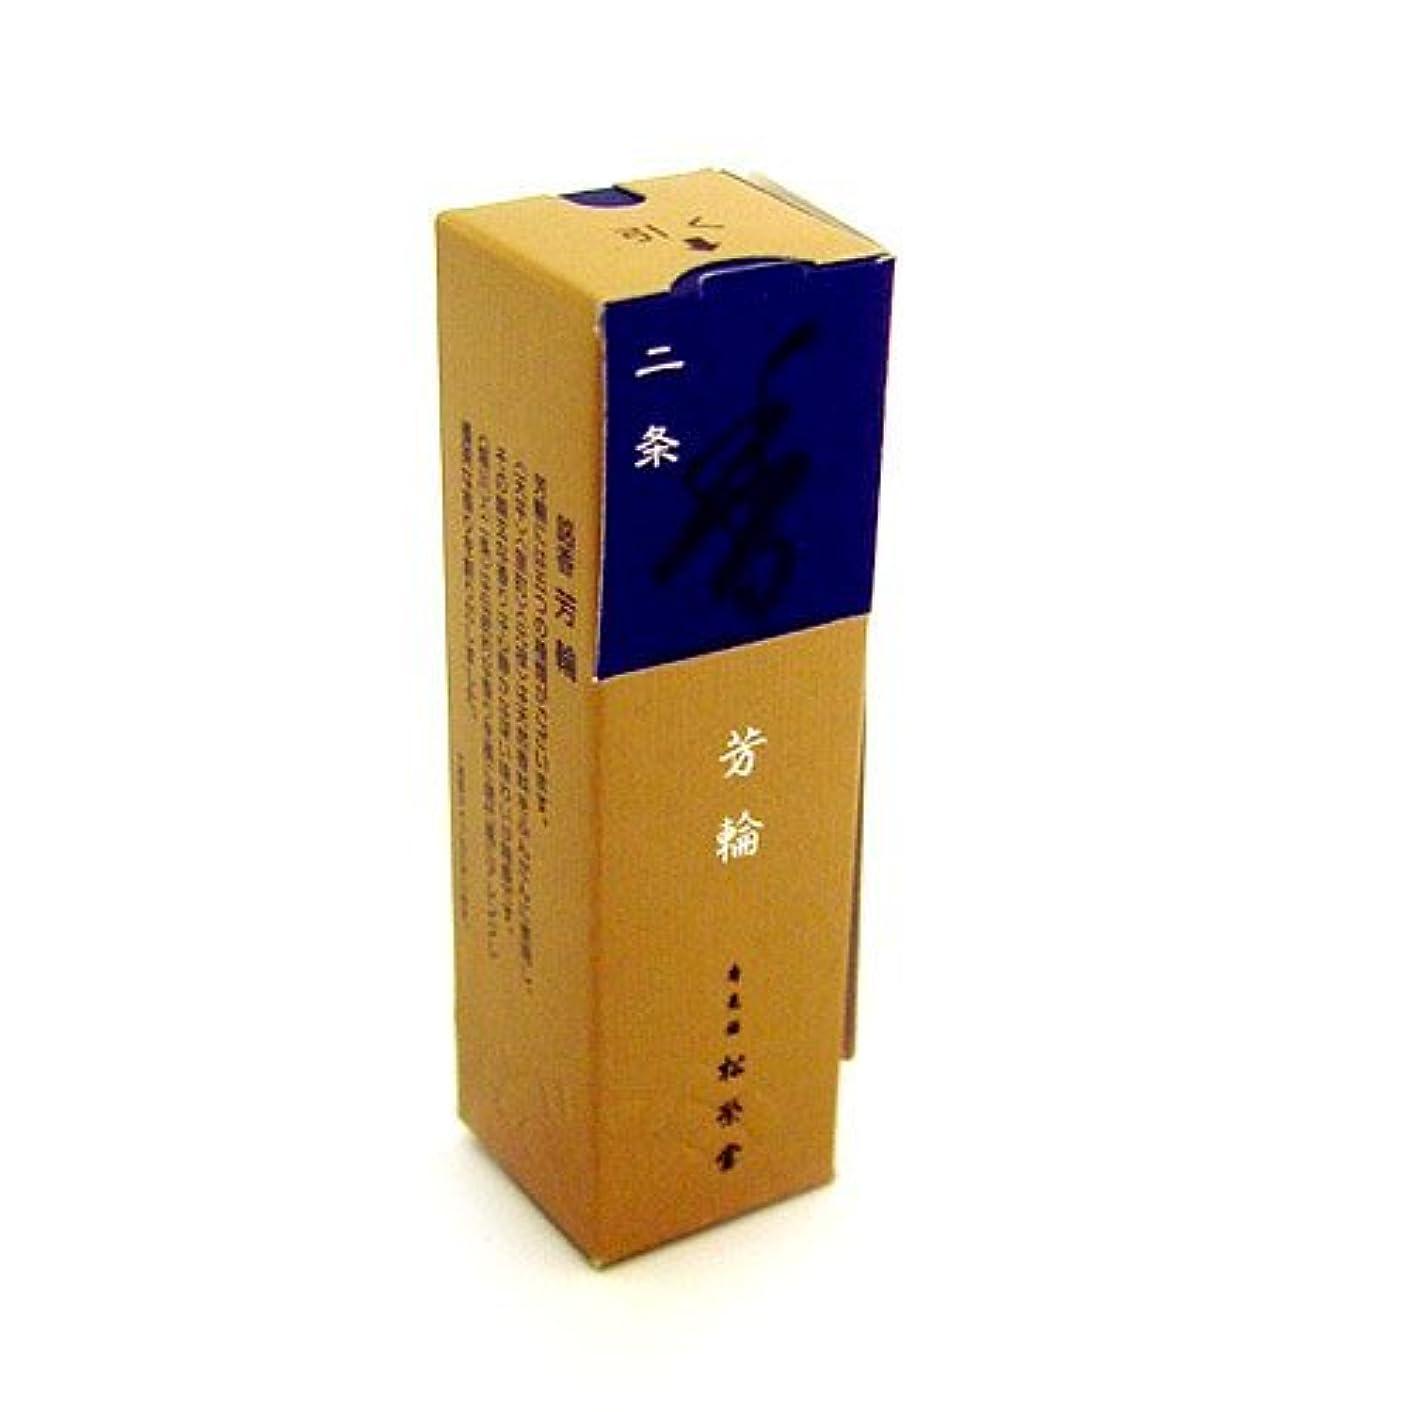 平和こしょう低いShoyeido – Horin Incense Sticksの別荘の街 20 Stick(s) 75120